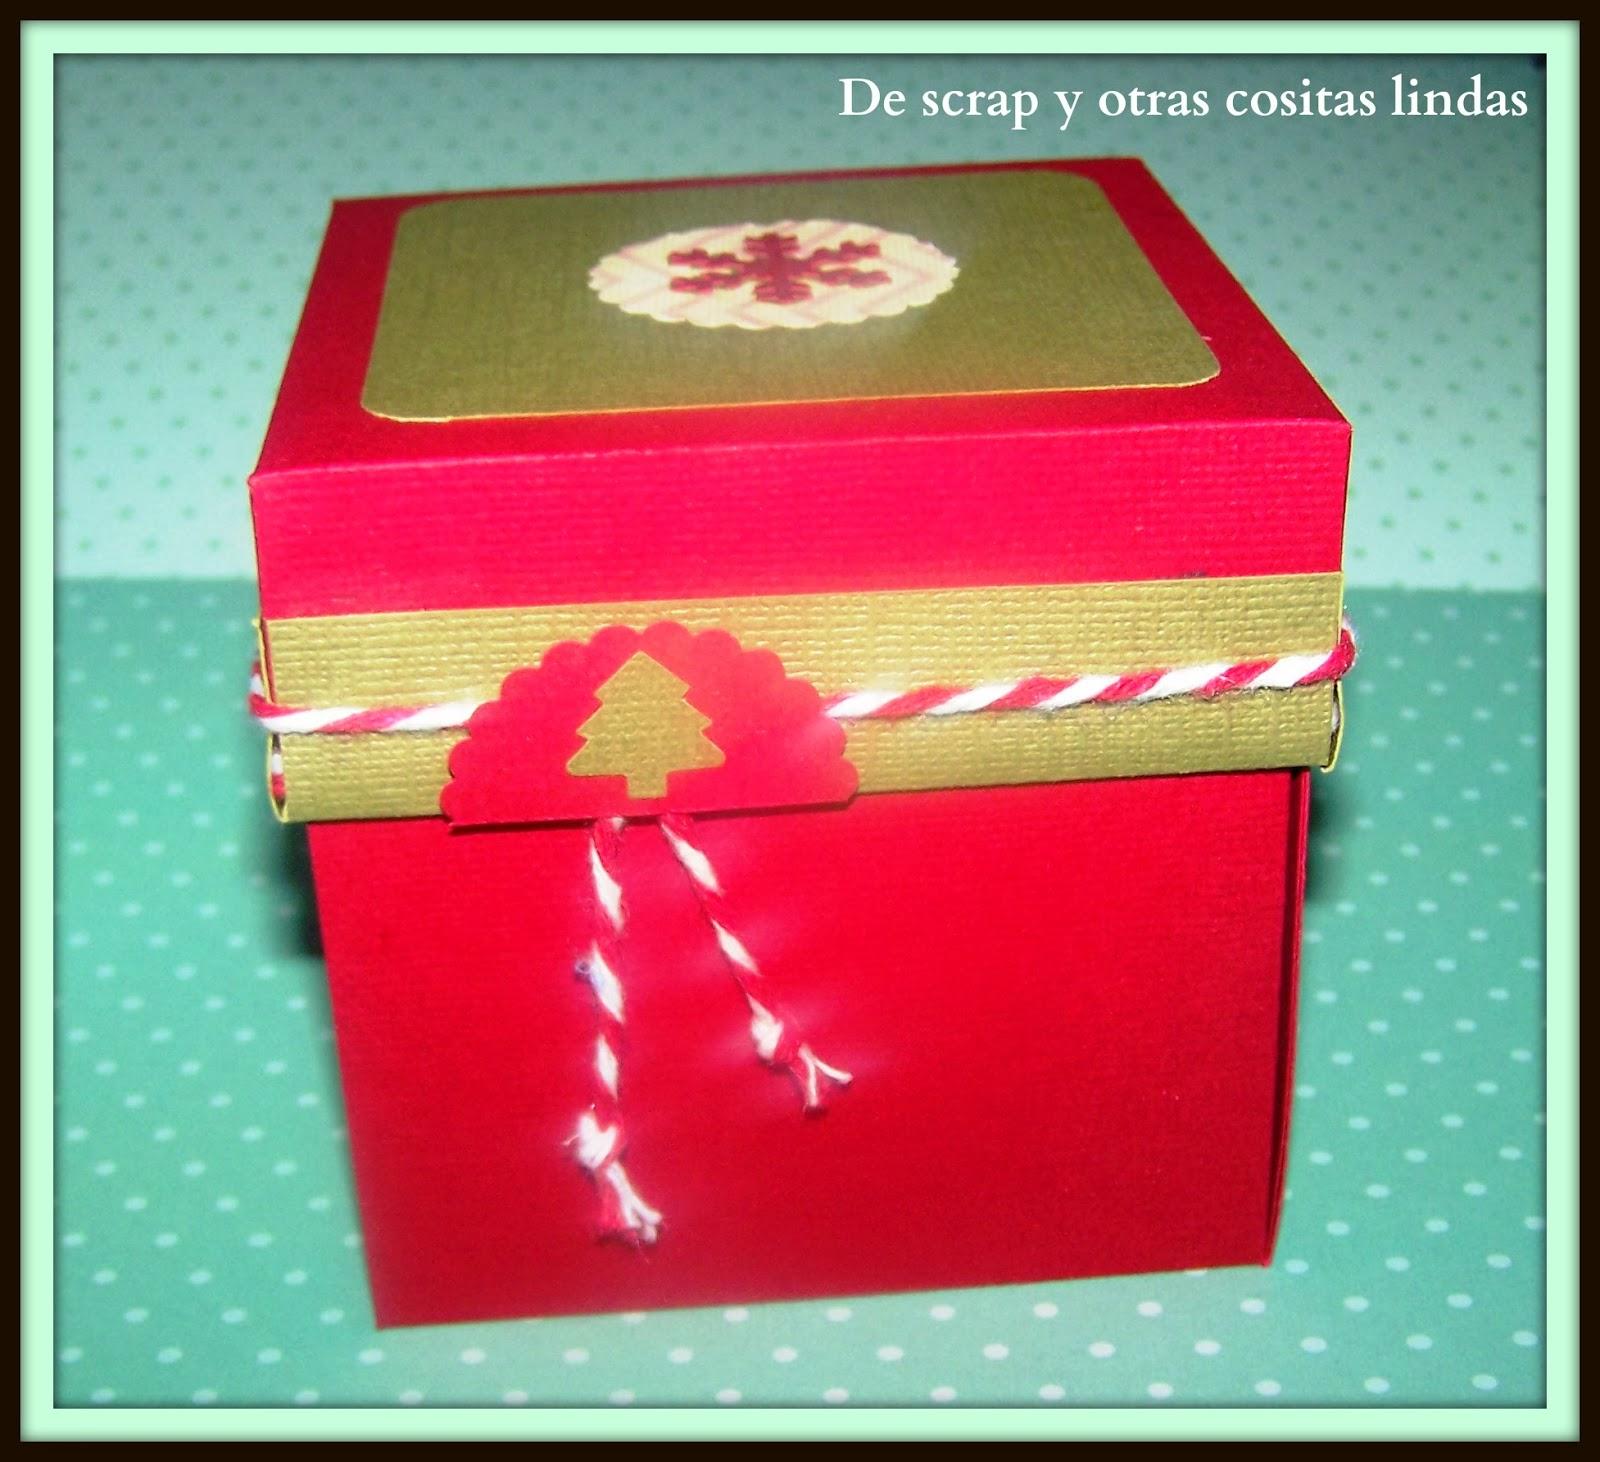 una caja llena de espacios para escribir cositas lindas poner fotos imgenes que de por si es un hermoso regalo que puede ser una tarjeta de